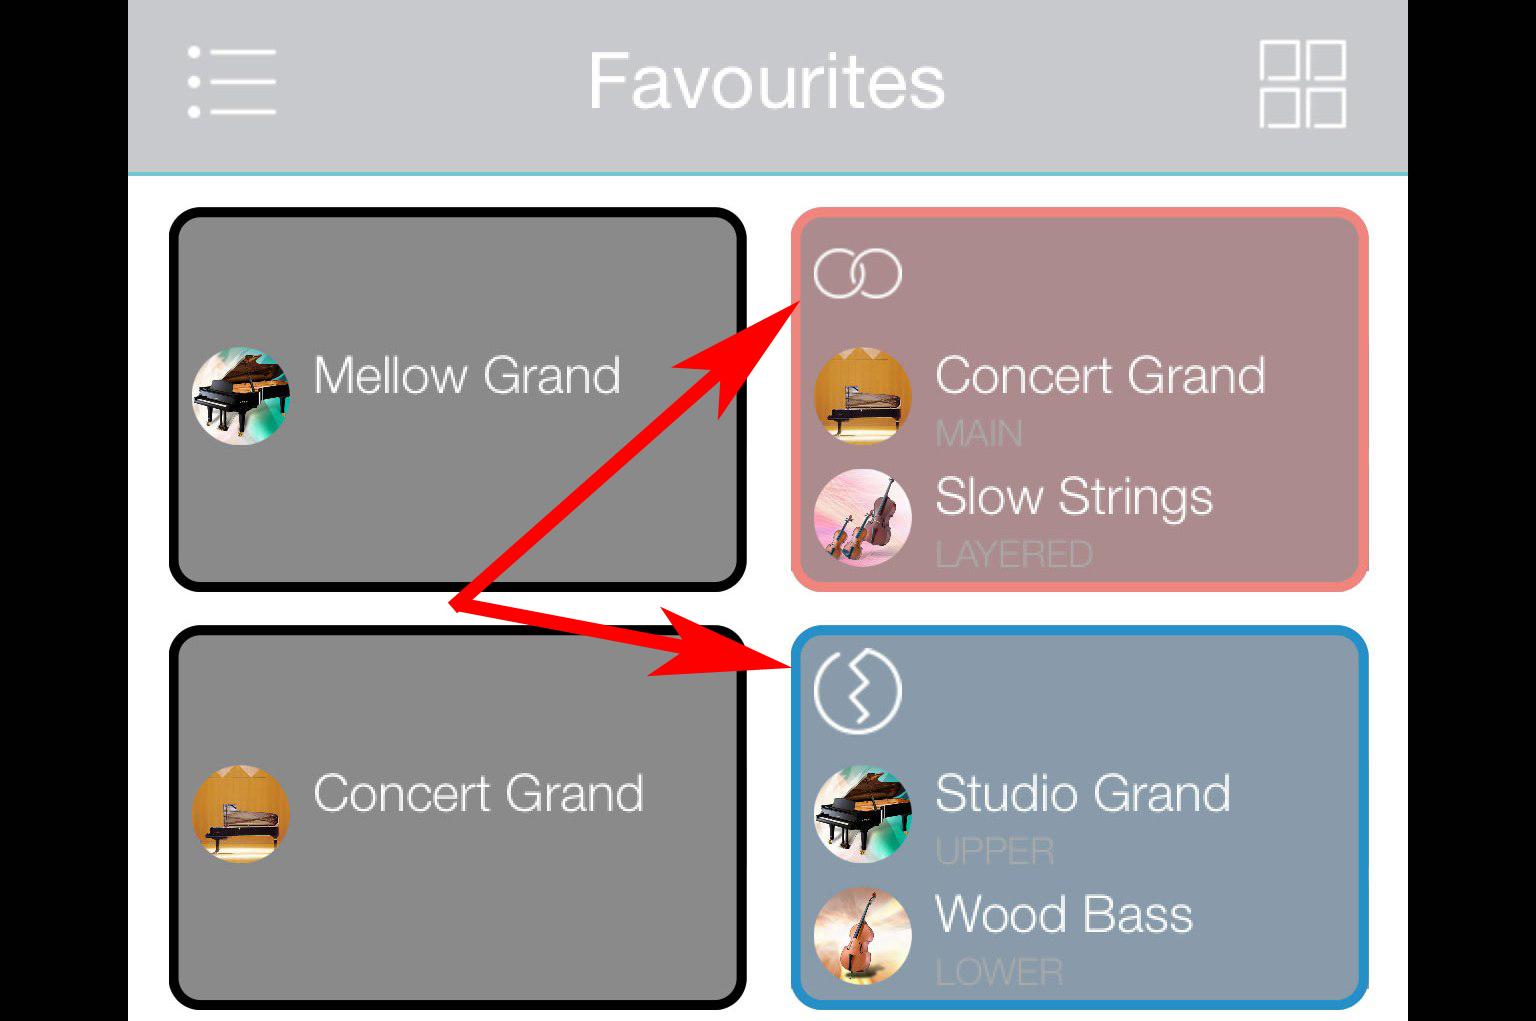 Il menu Favourites della app Kawai Sound Museum: le icone evidenziate dalle frecce rosse indicano rispettivamente la modalità layer (in alto) e split (in basso) impostata per ogni combinazione di preset